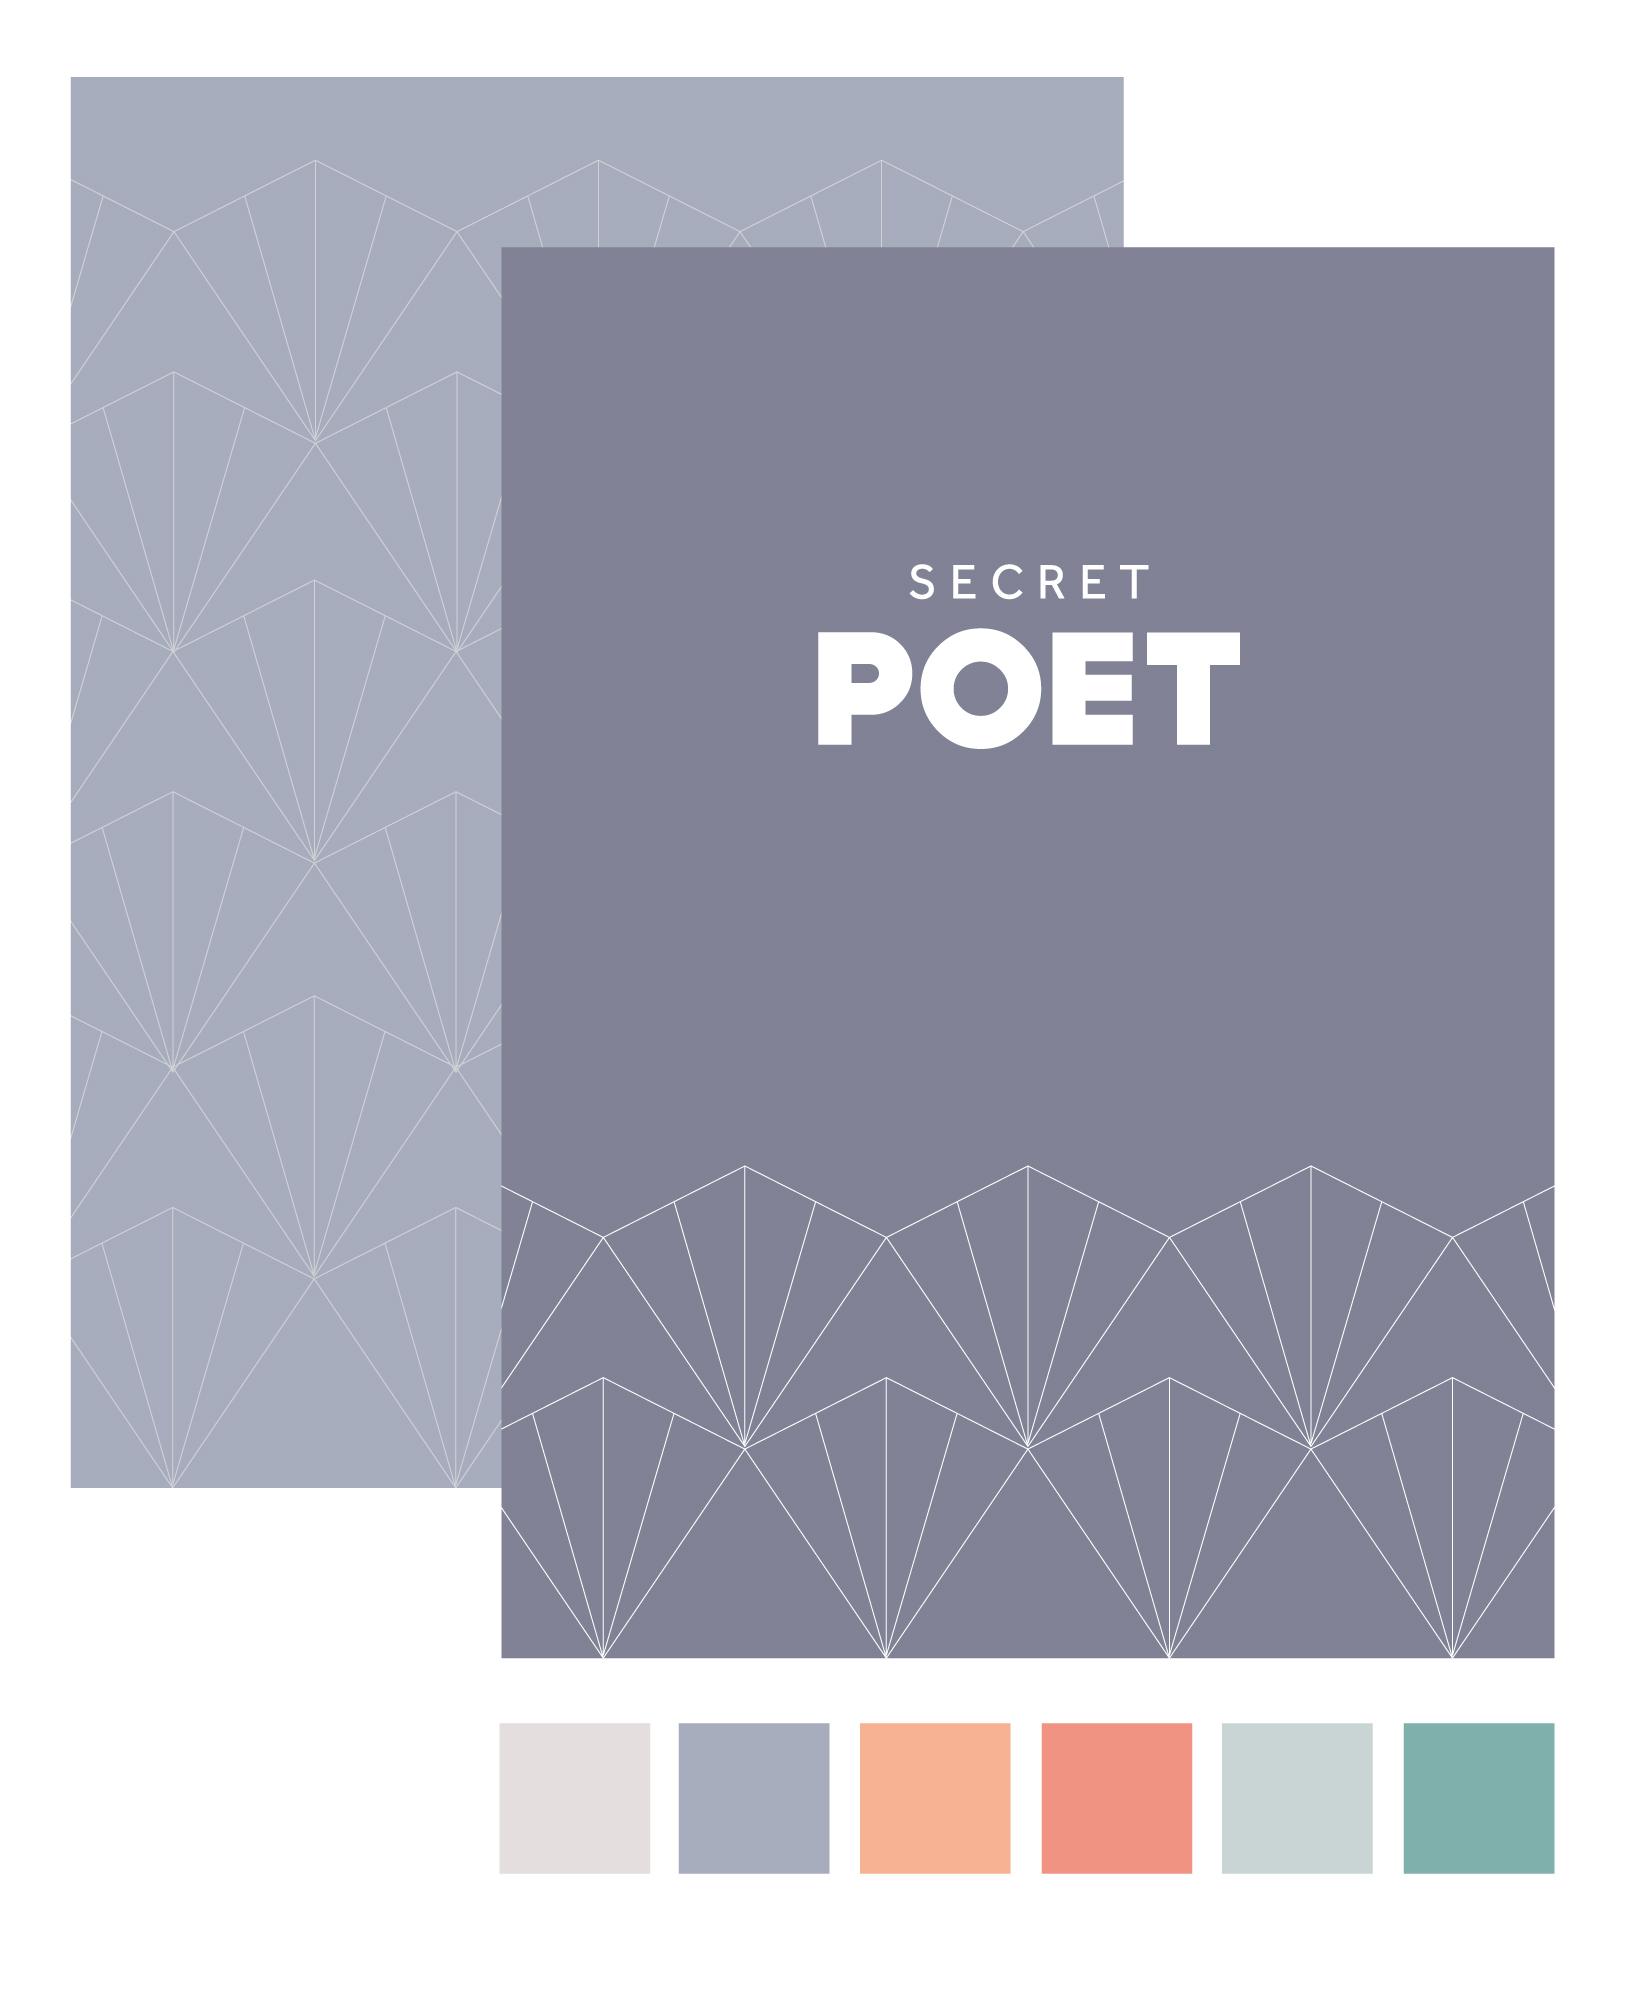 Secret Poet colour palette